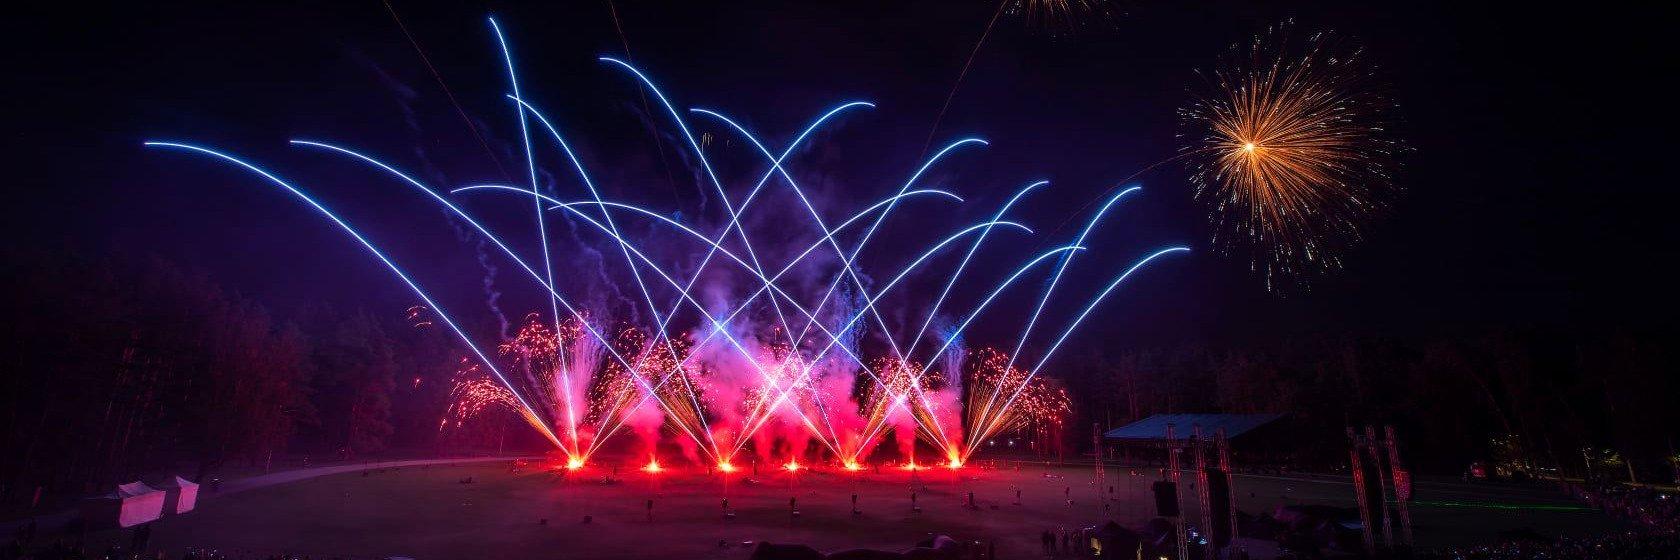 Polska ekipa pirotechniczna wygrała na międzynarodowym festiwalu